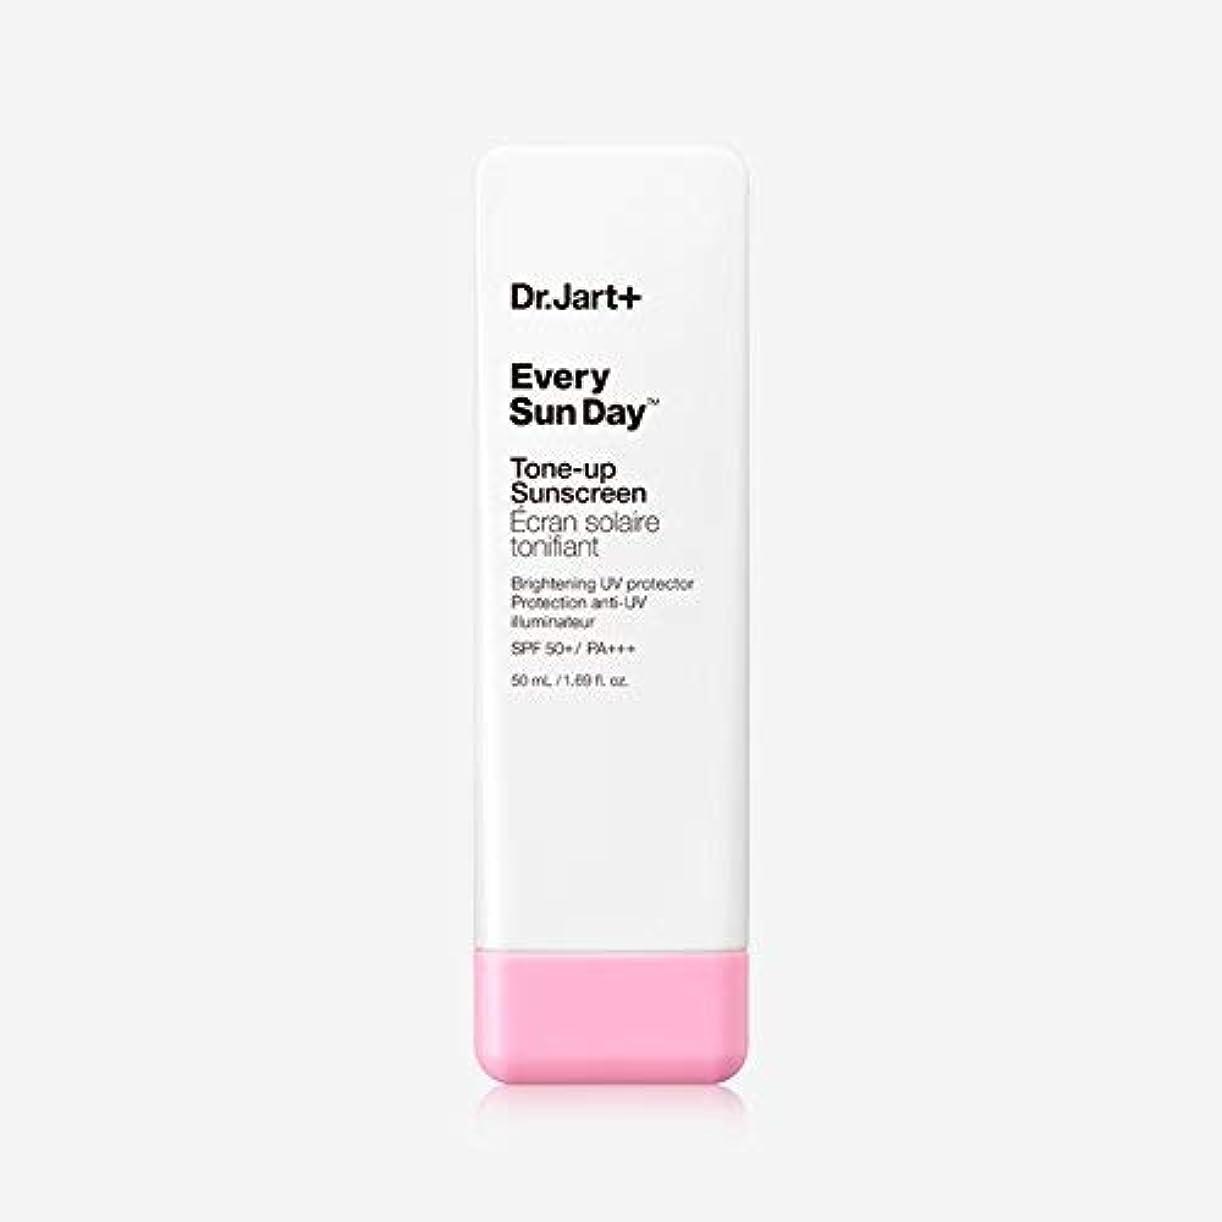 間違いなく送る見えないDr.Jart+ Every Sun Day Tone-up Sunscreen SPF50+ PA+++ 50ml / ドクタージャルトゥエヴリサンデートーンアップサンスクリーンSPF50+PA+++50ml [並行輸入品]